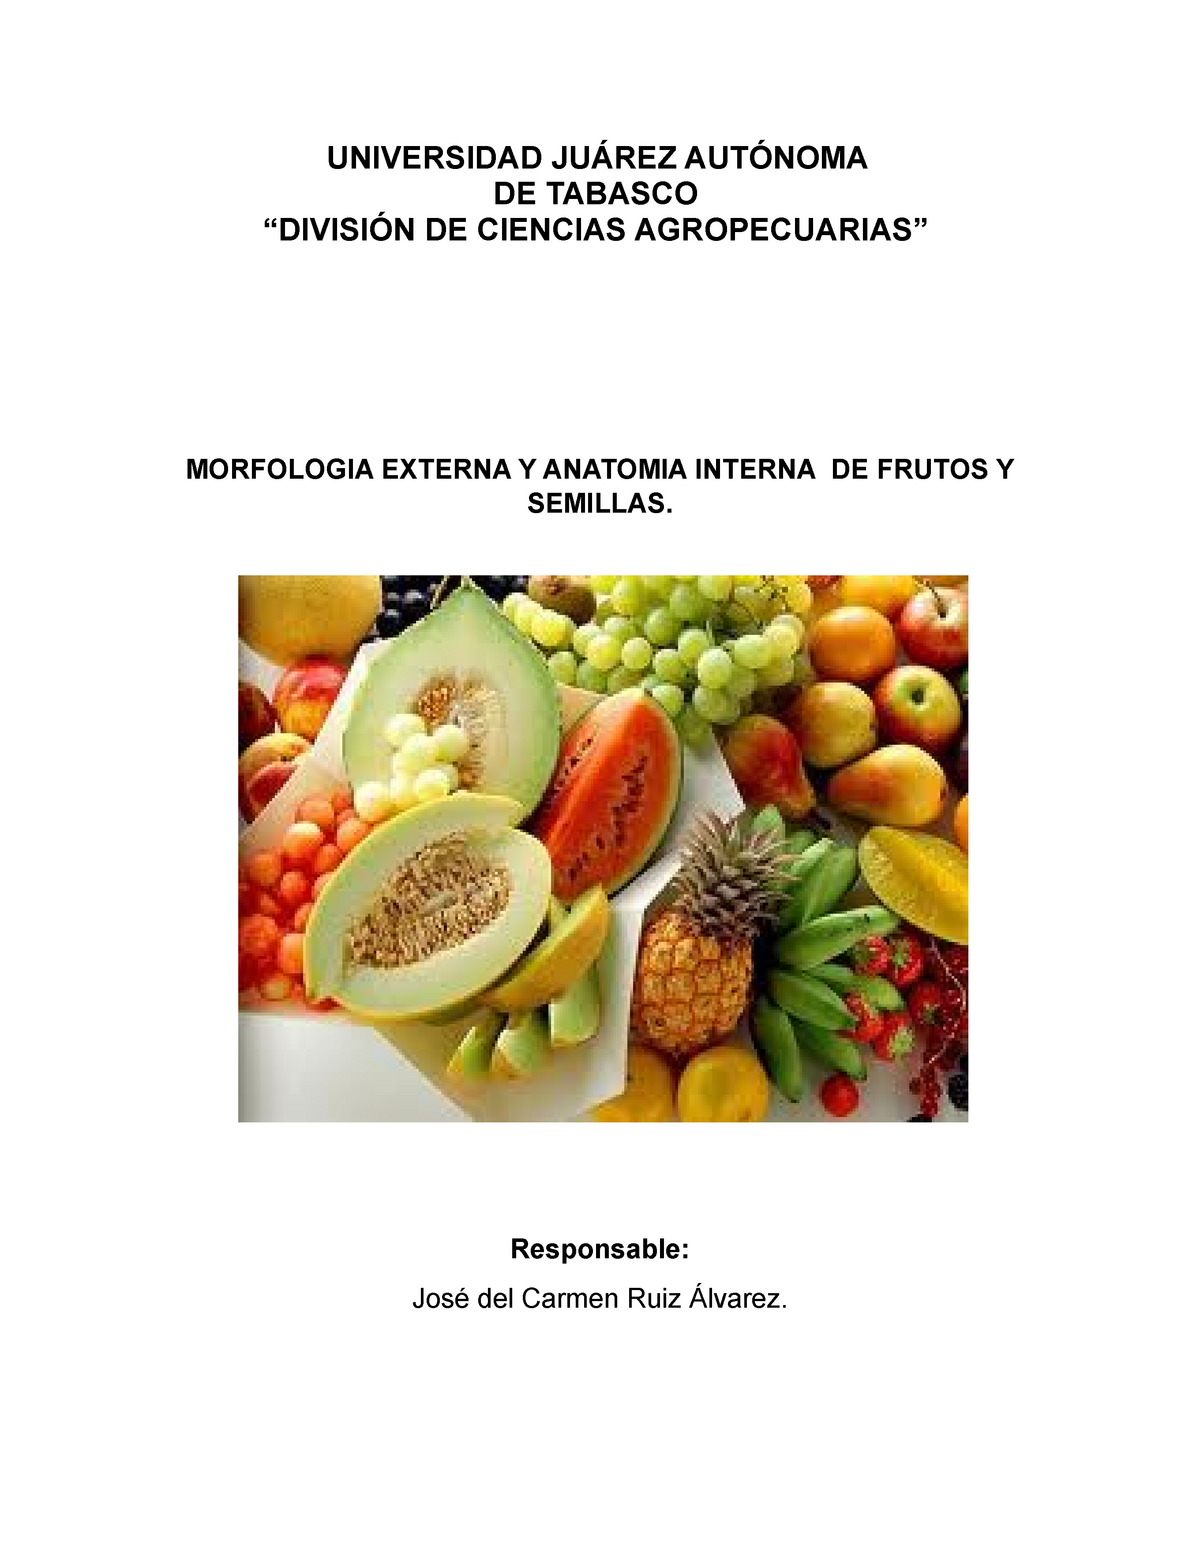 Morfología Interna Y Externa De Frutos Y Semillas Cf1407